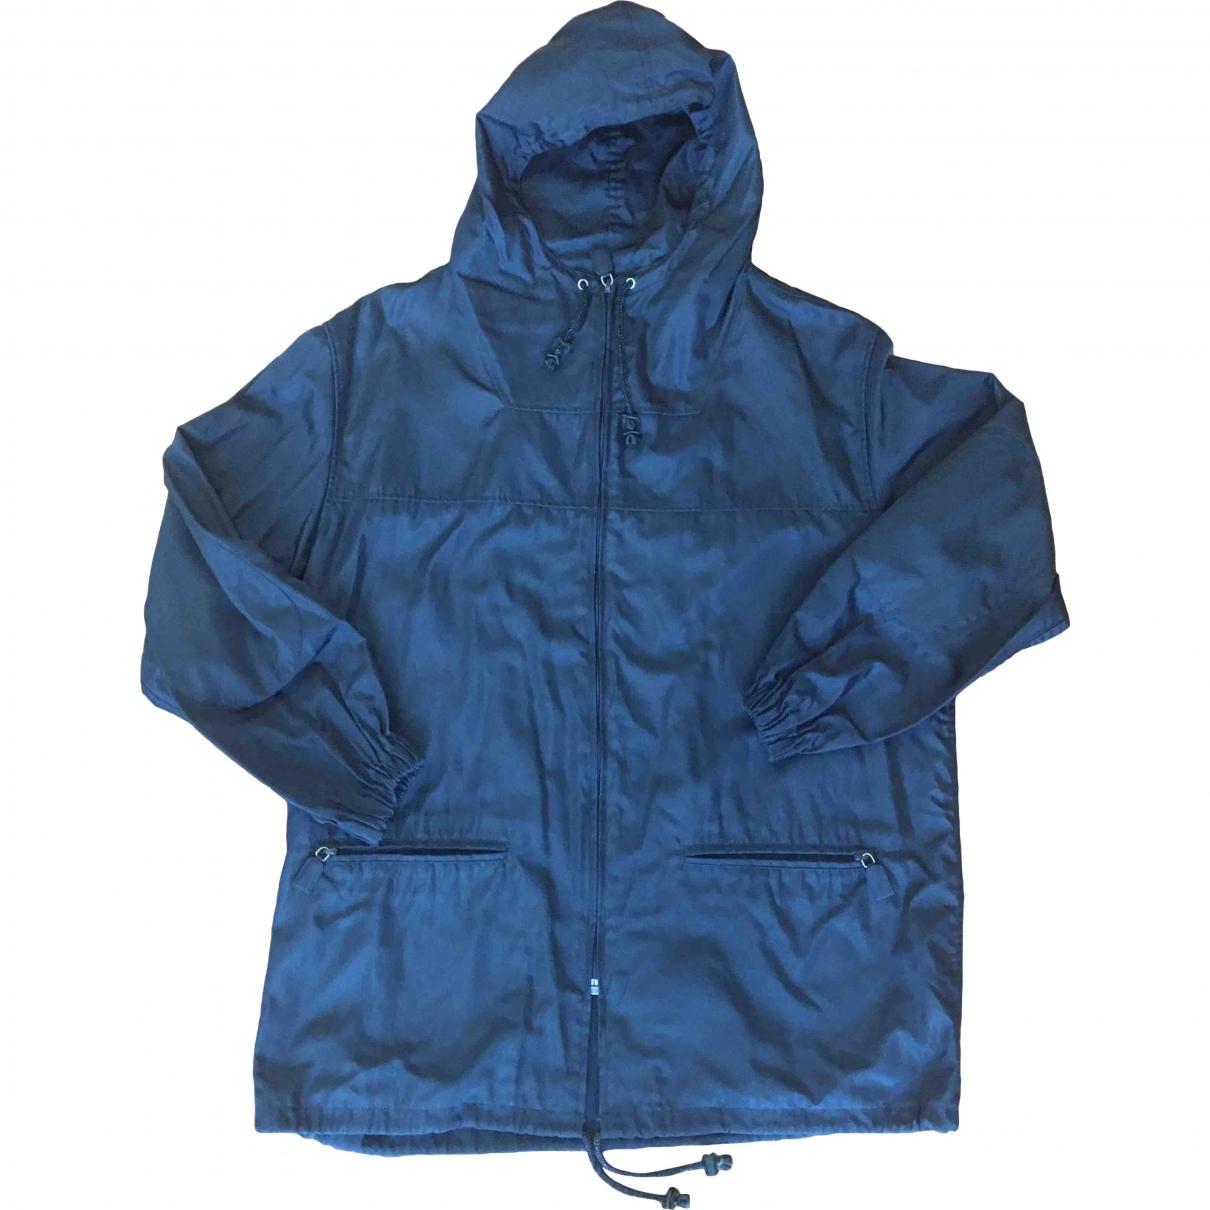 Prada - Manteau   pour homme - bleu